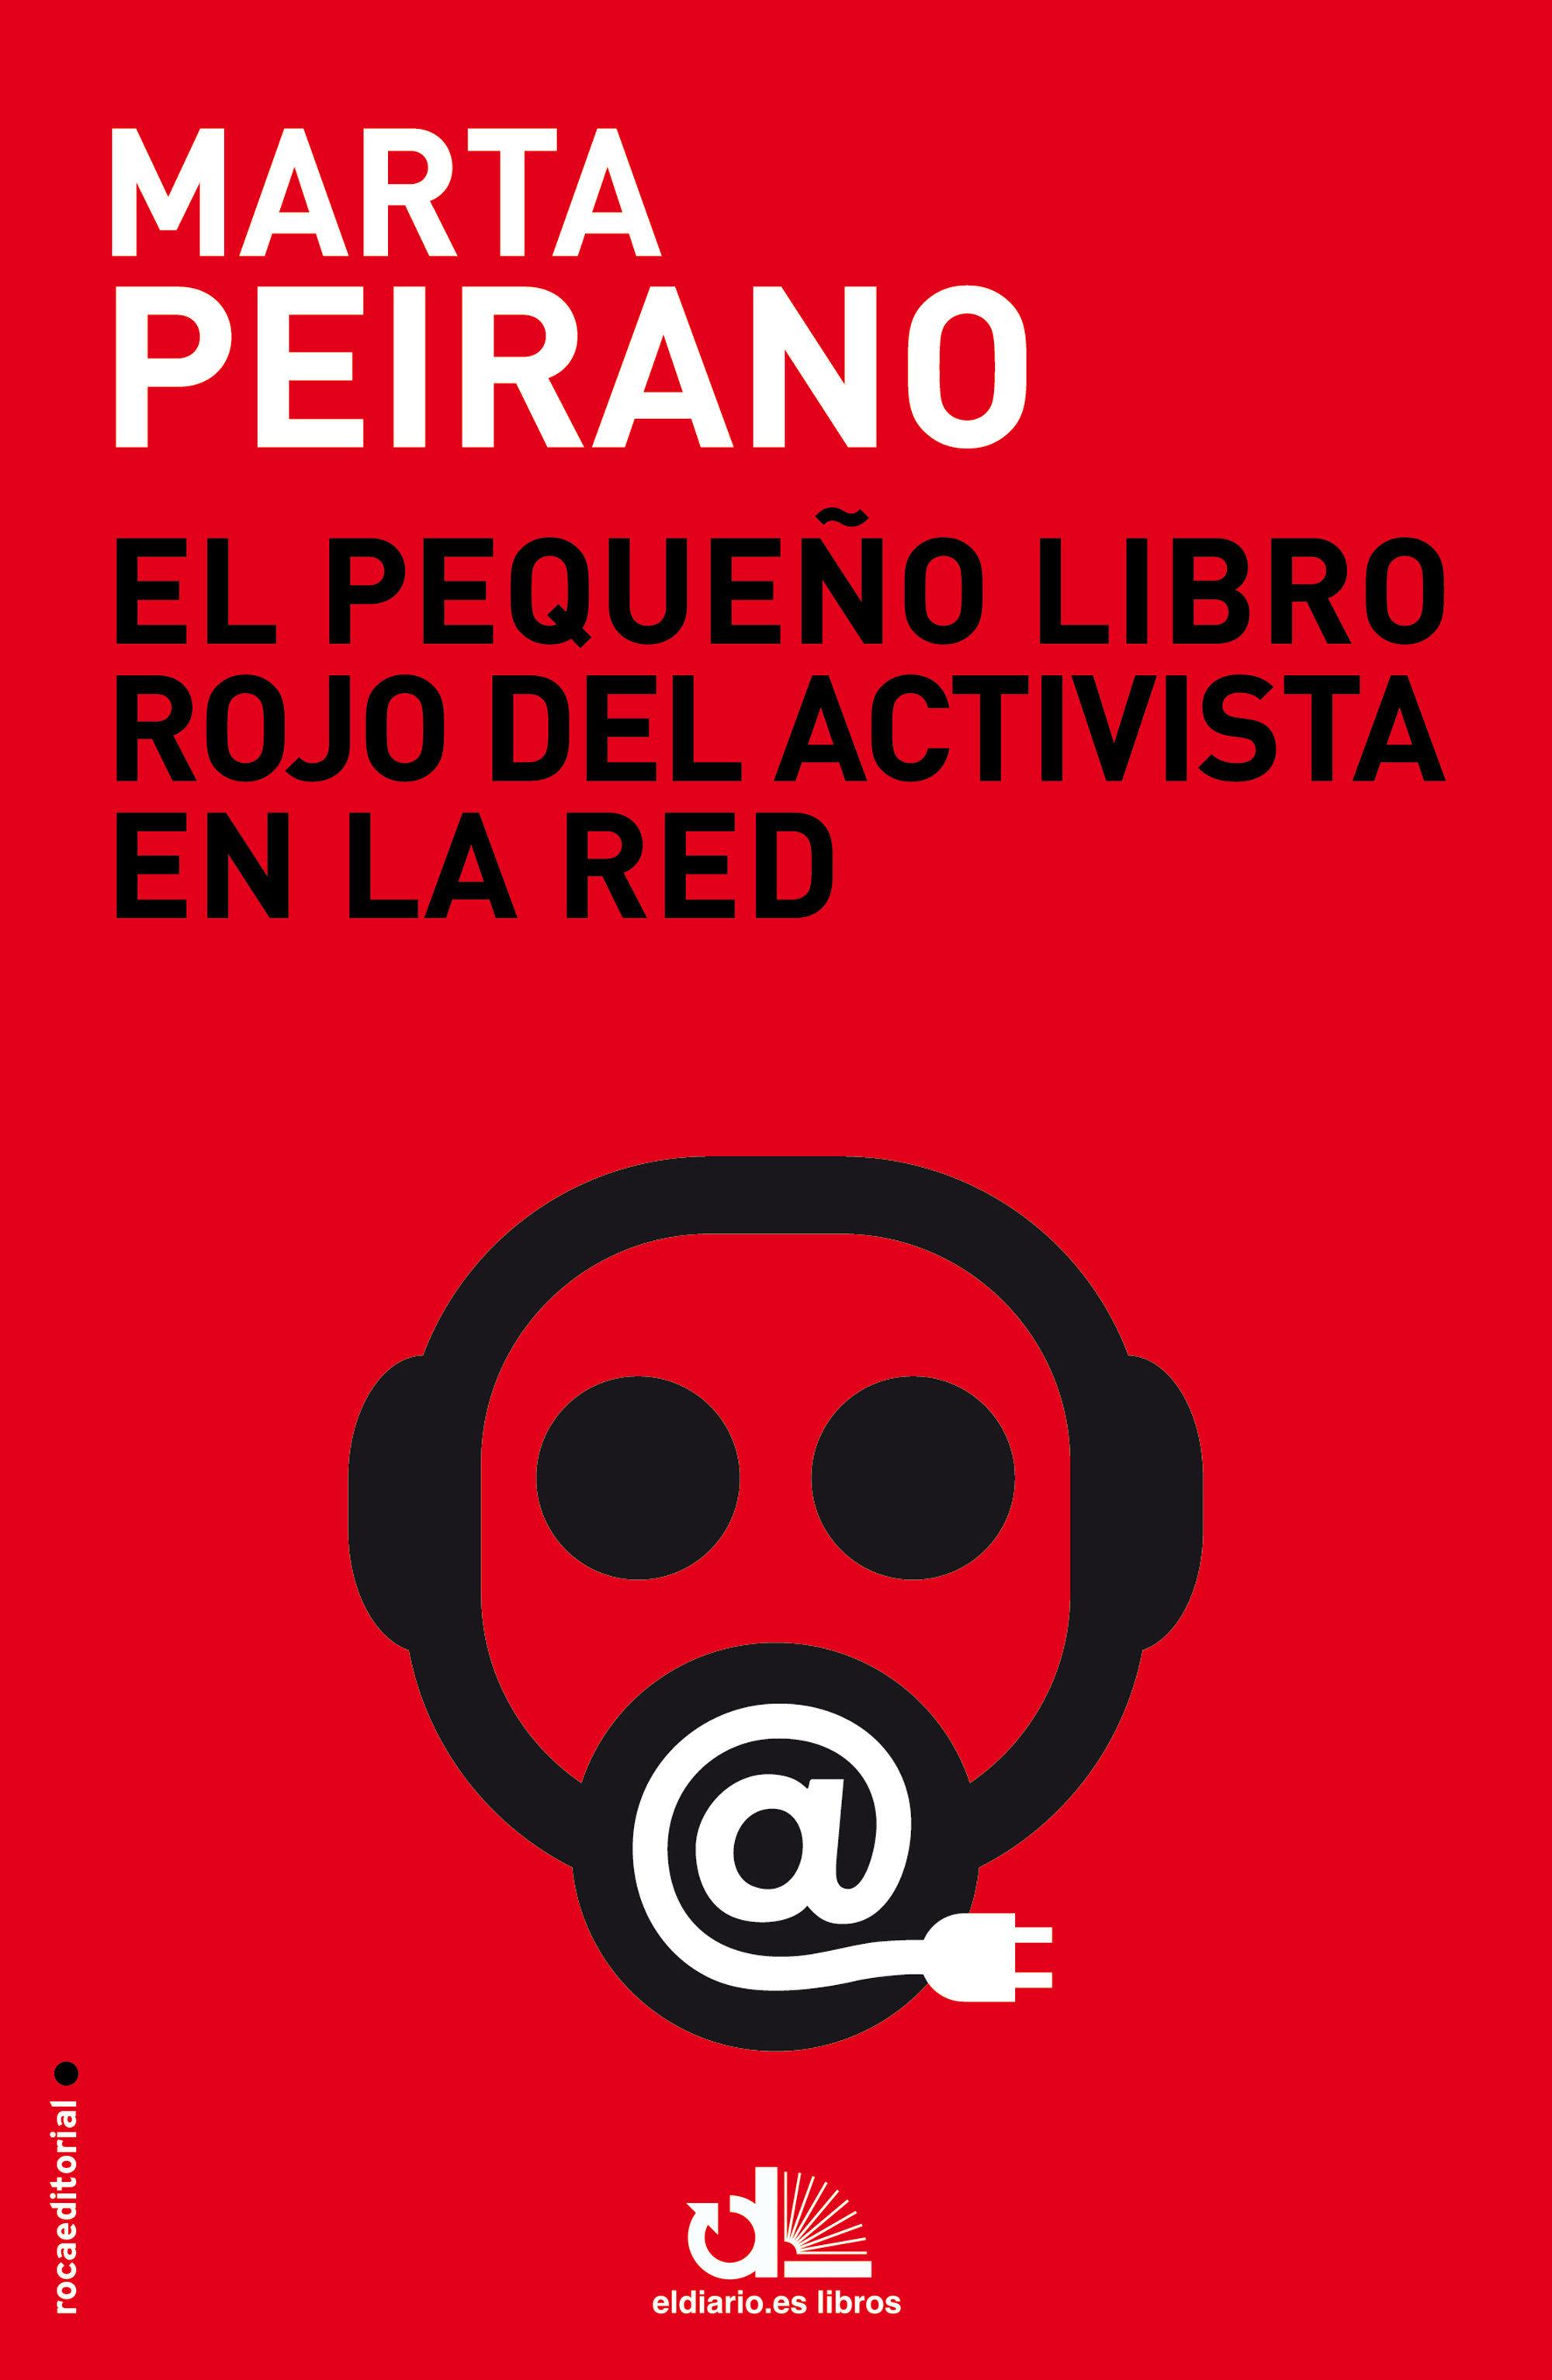 EL PEQUEÑO LIBRO ROJO DEL ACTIVISTA EN LA RED.